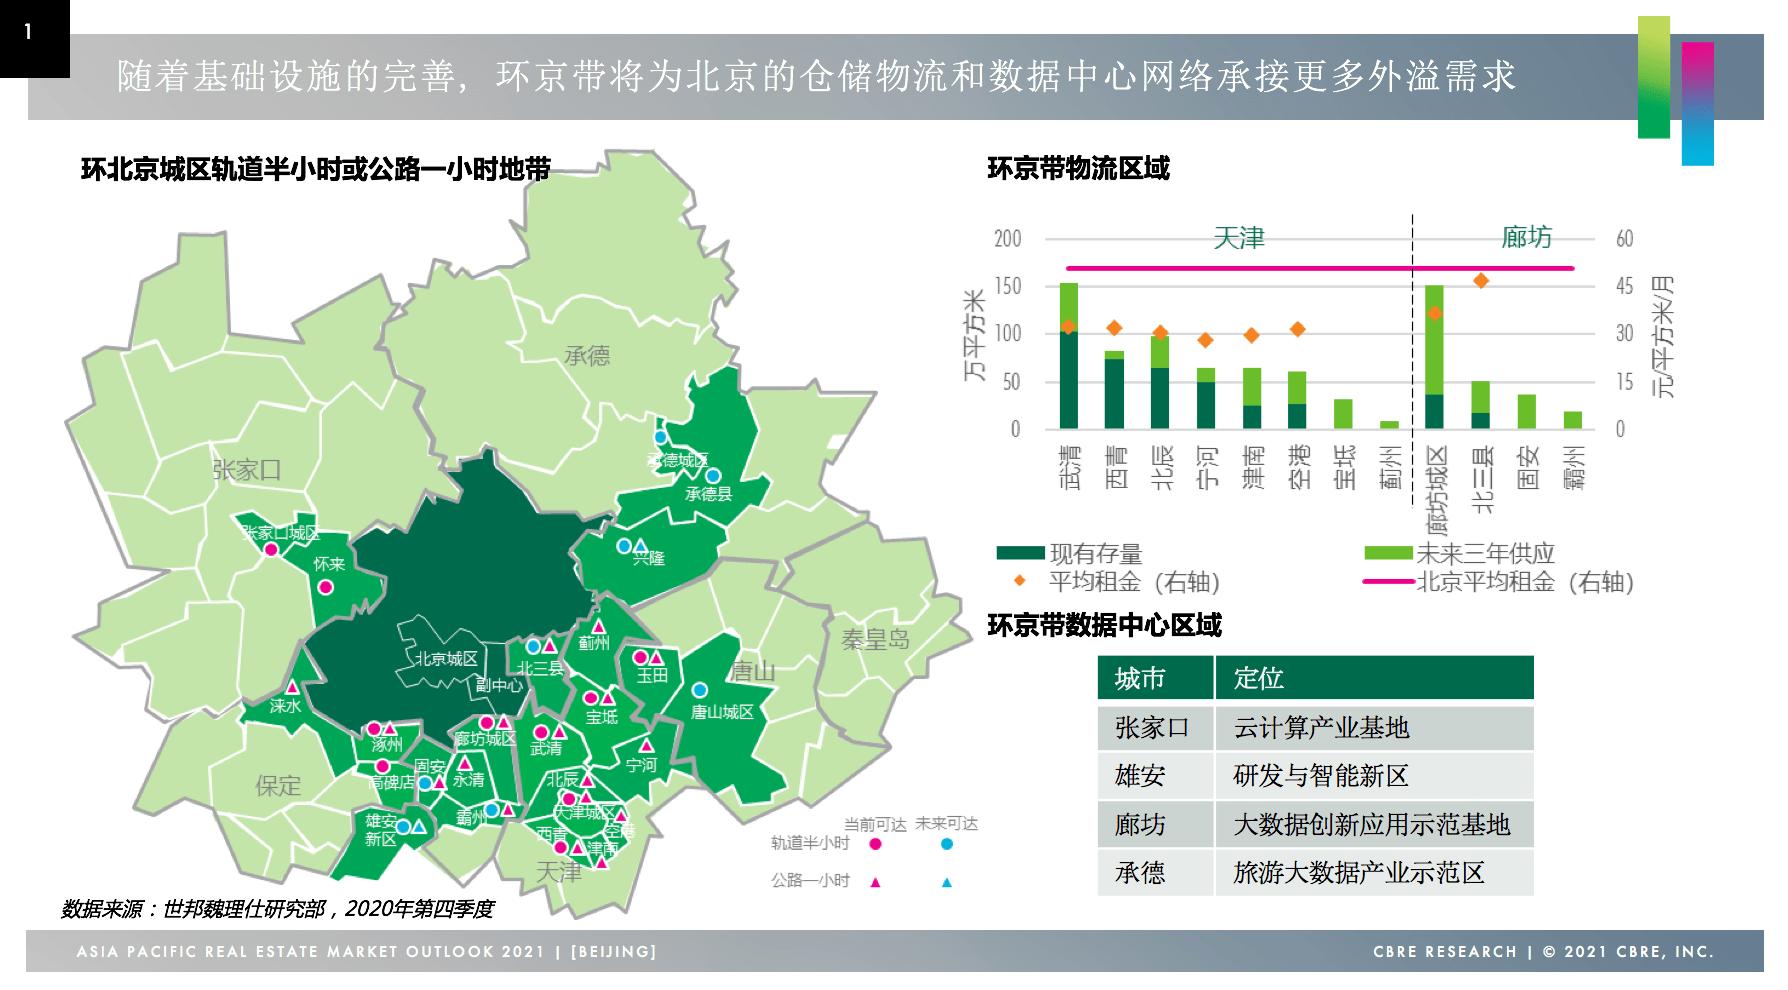 2020年,北京房地产投资市场火爆,以北京为基地的带承载着仓储物流的溢出需求